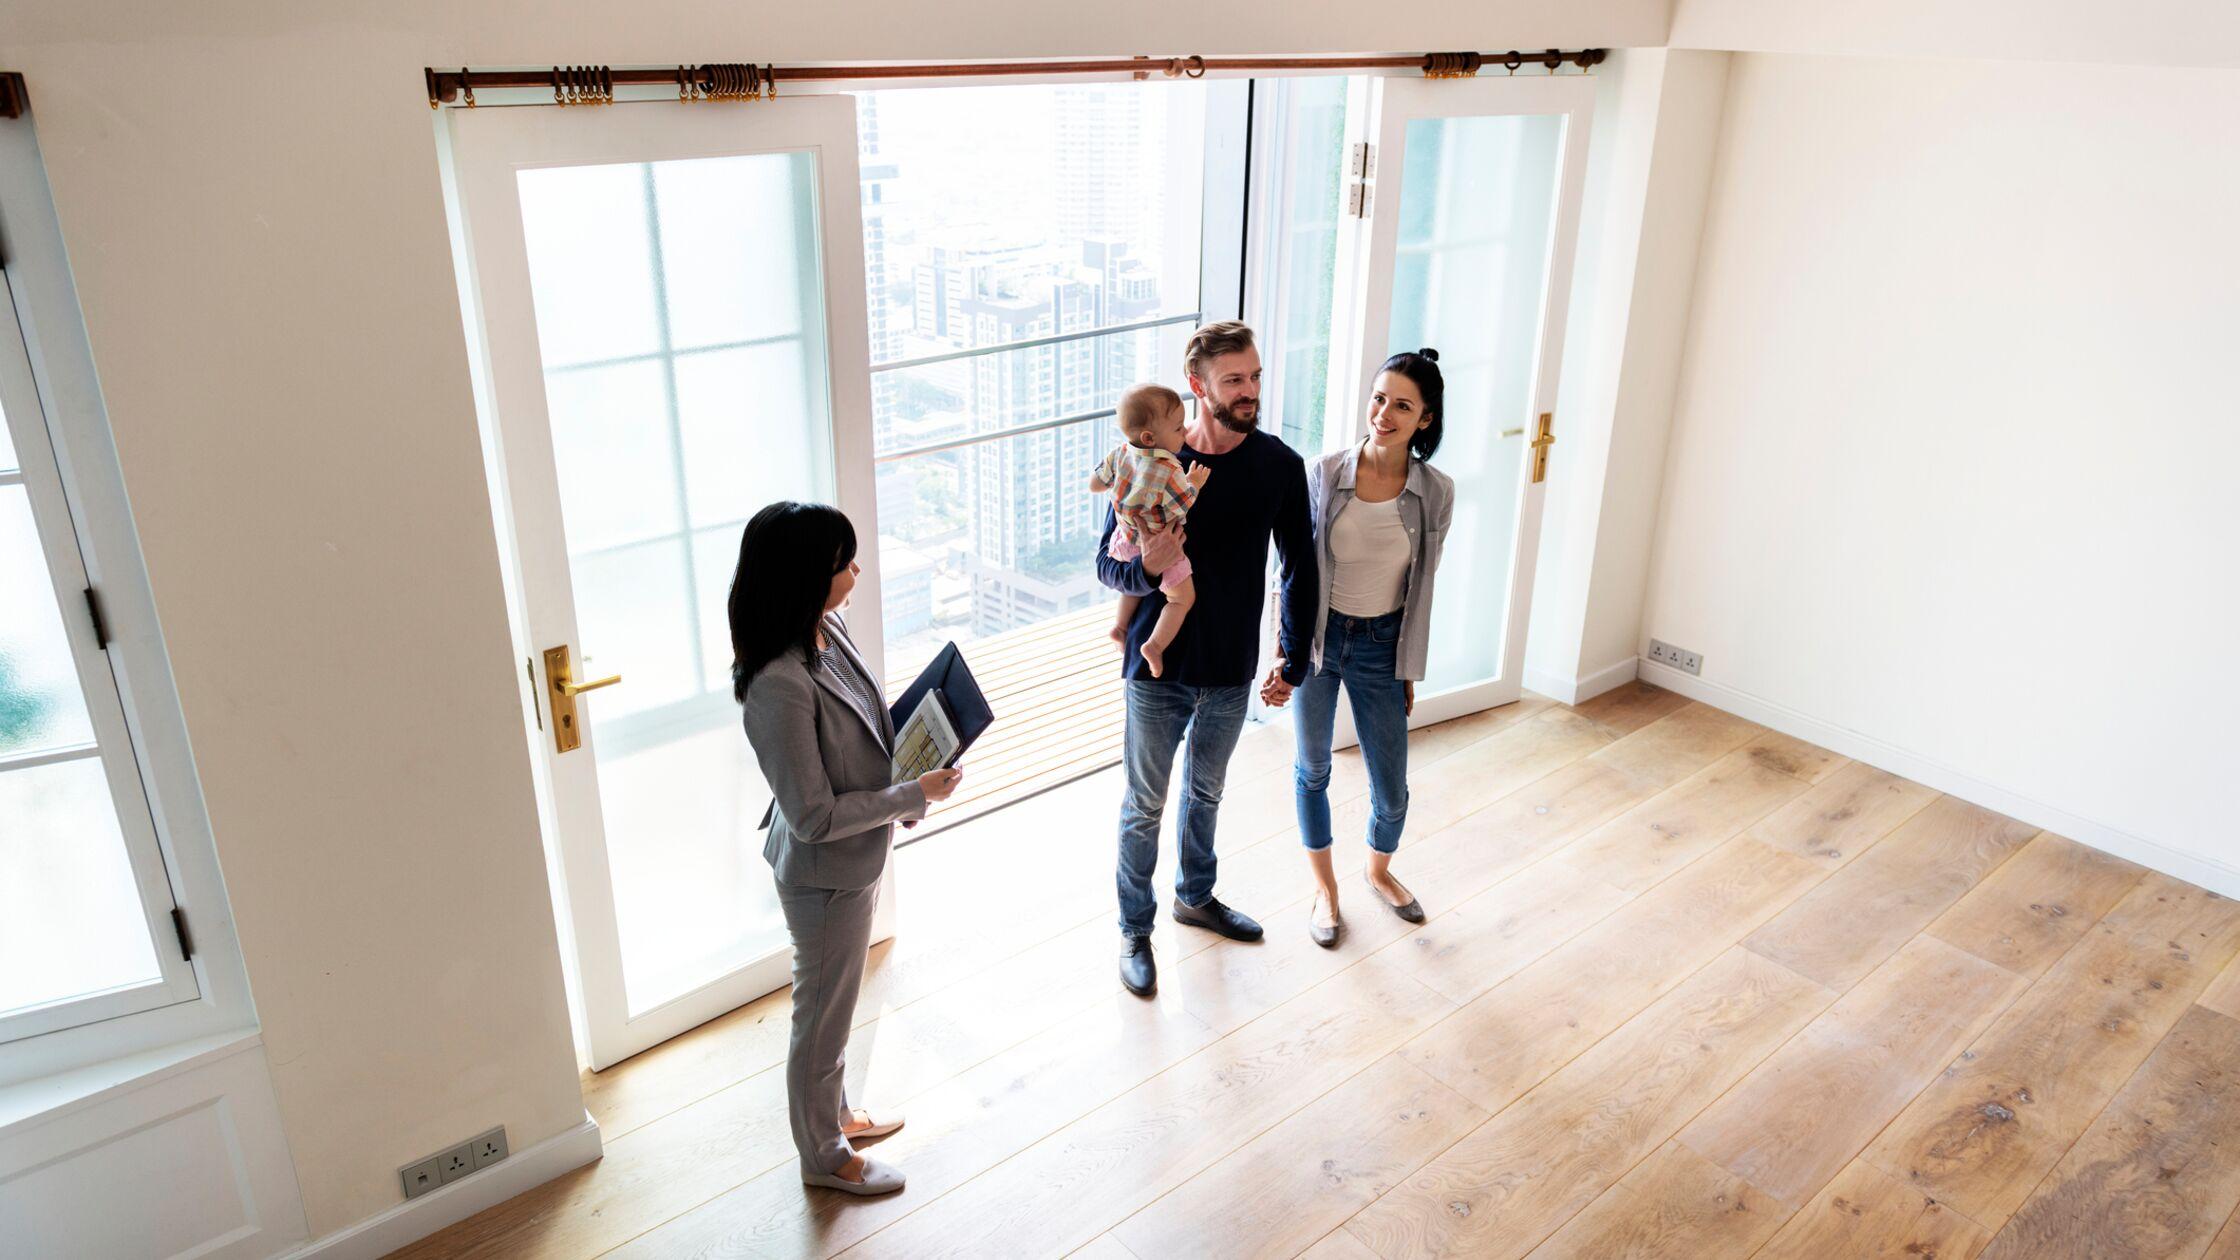 Drei Erwachsene und ein Baby in einer leeren Wohnung